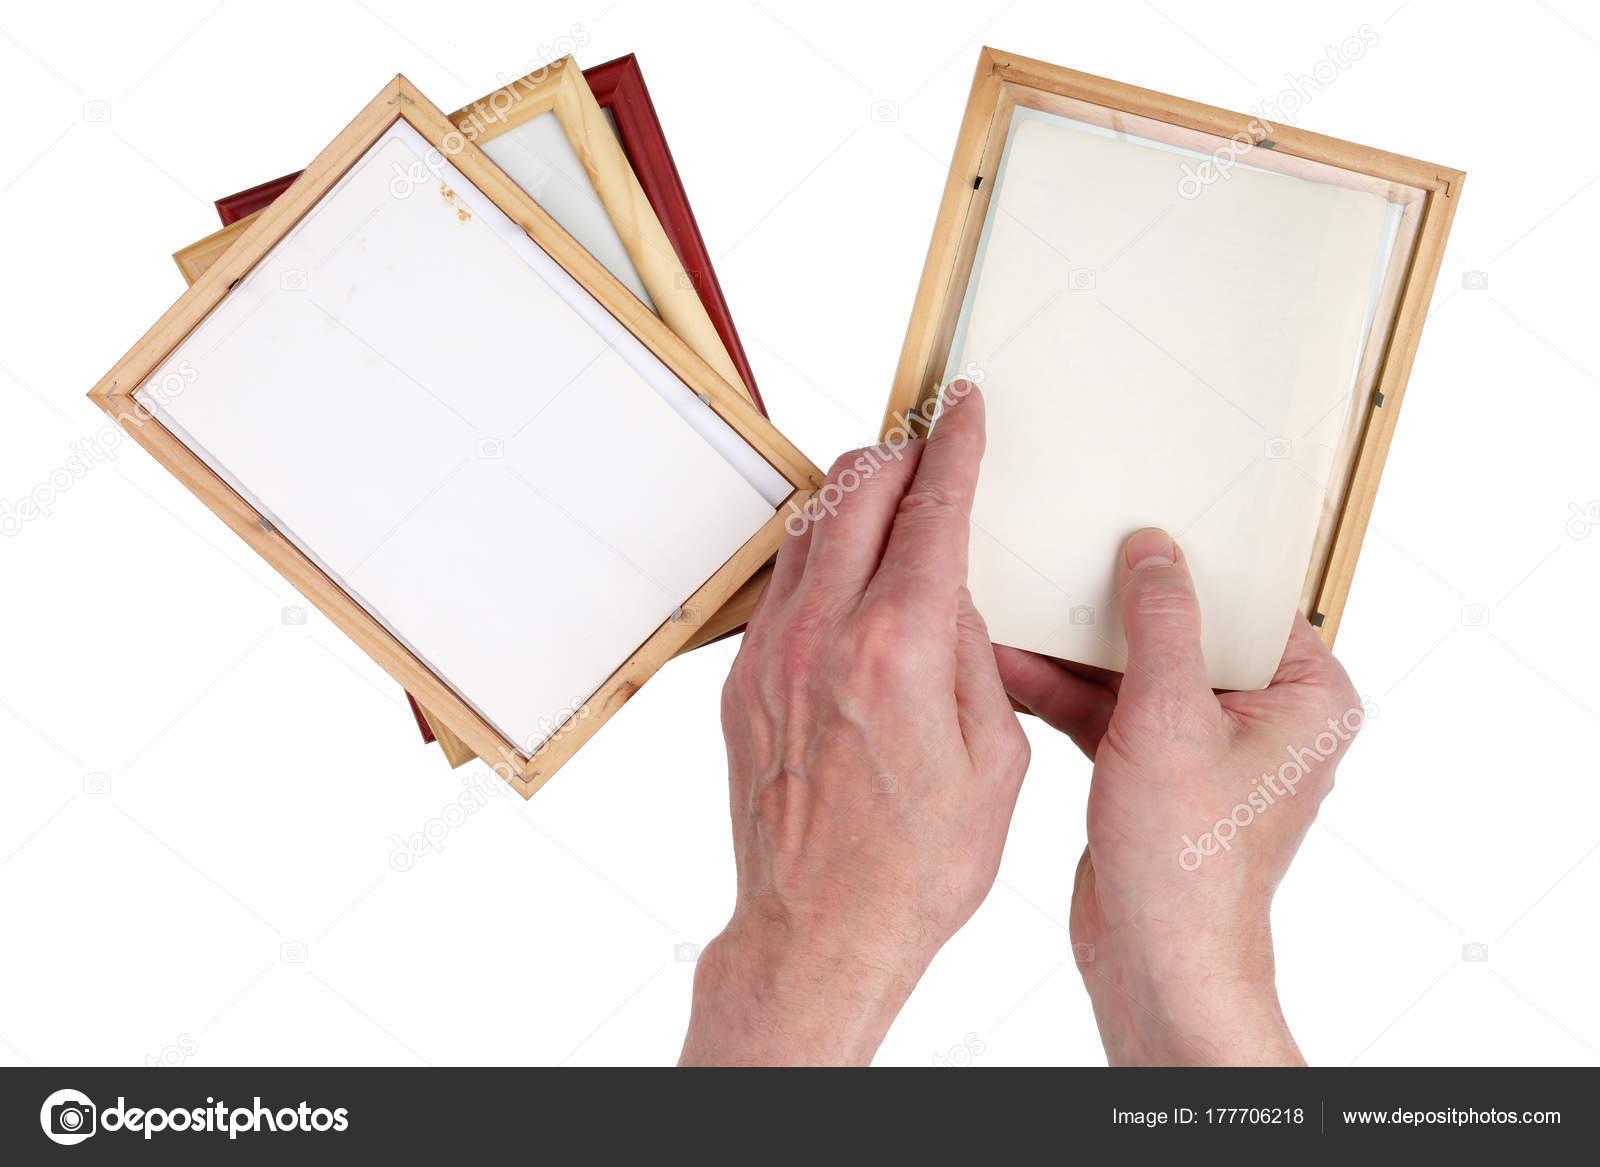 Viejo abuelo hombre inserta fotos en marcos de madera foto — Foto de ...